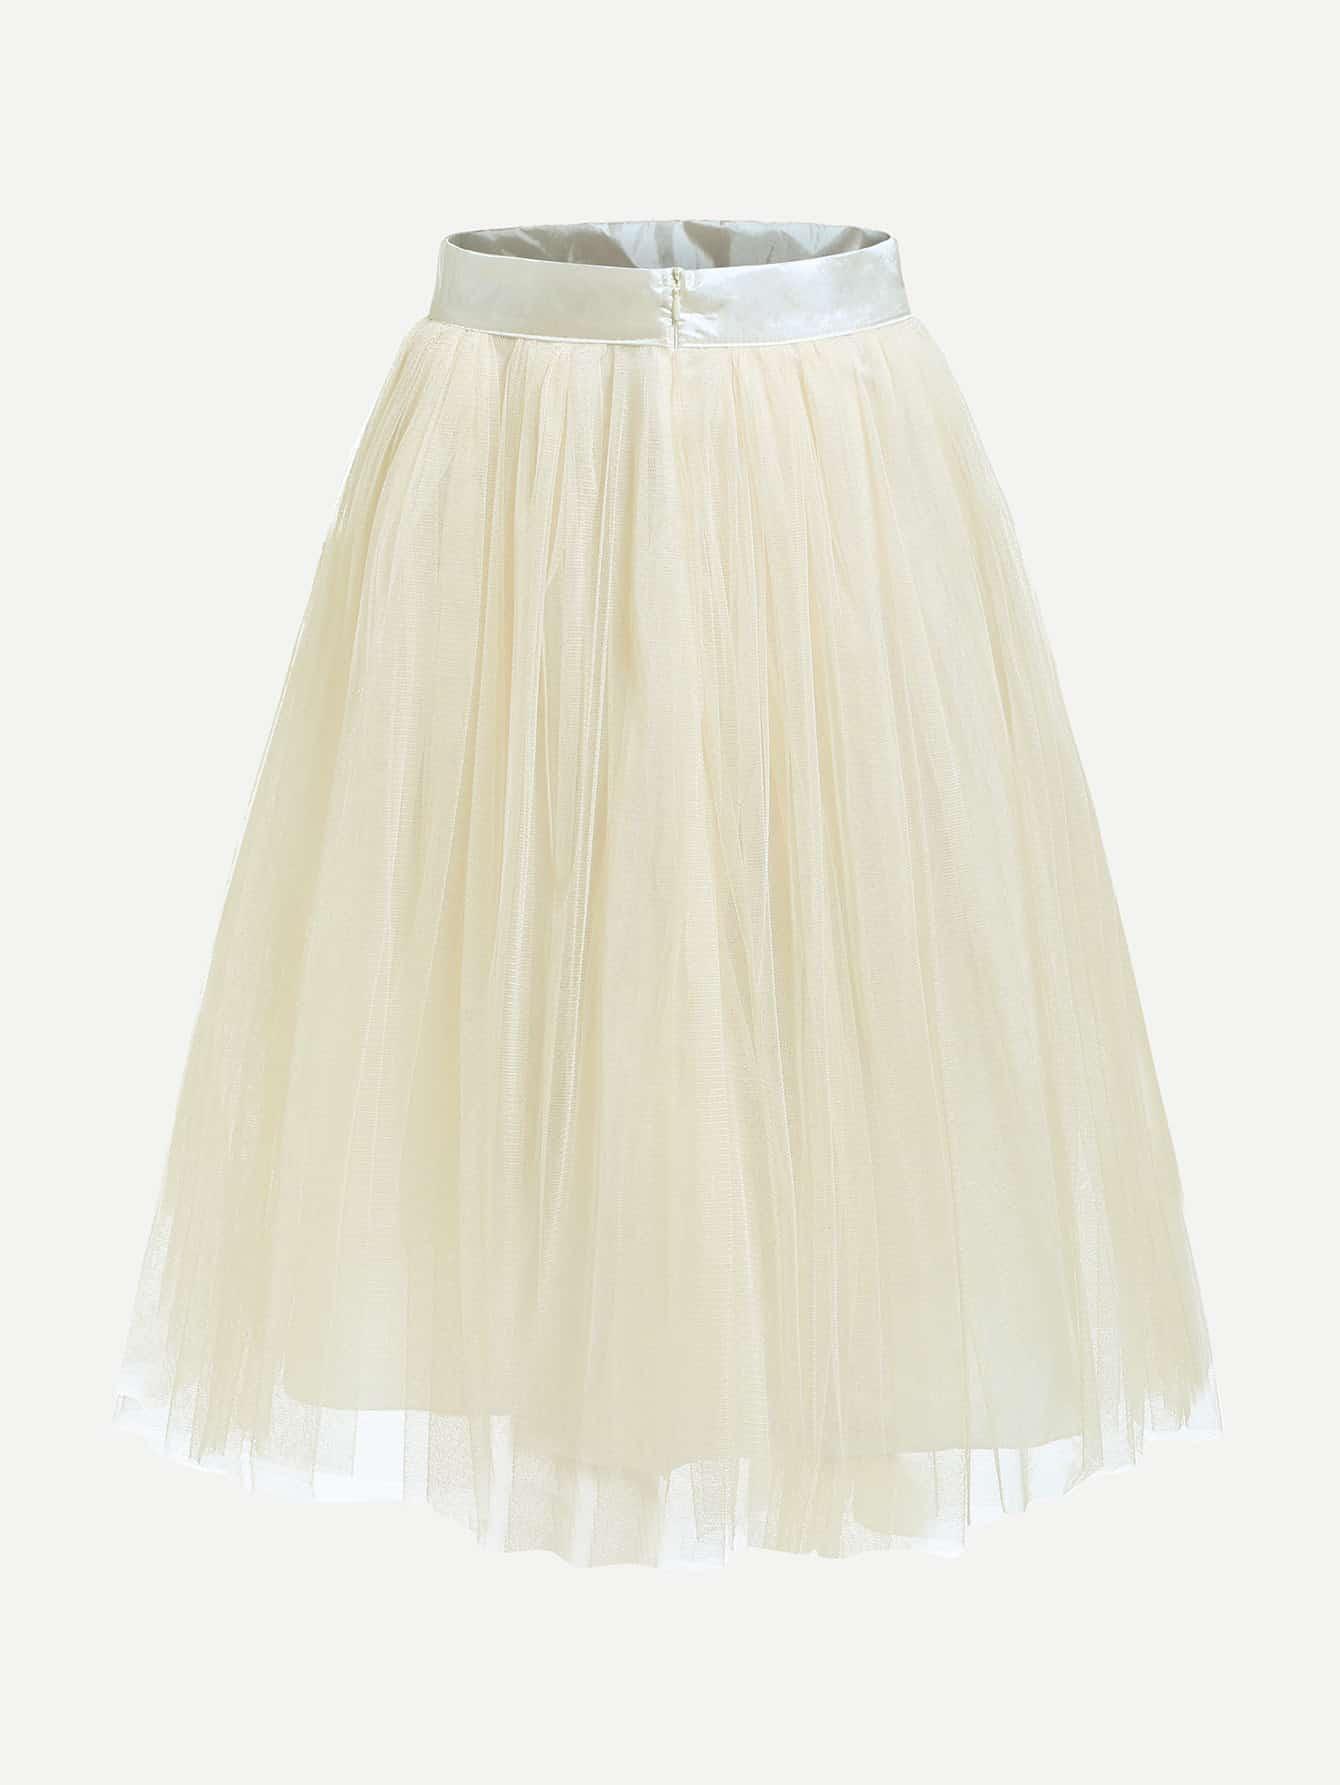 Mesh Layered Skirt layered organza skirt